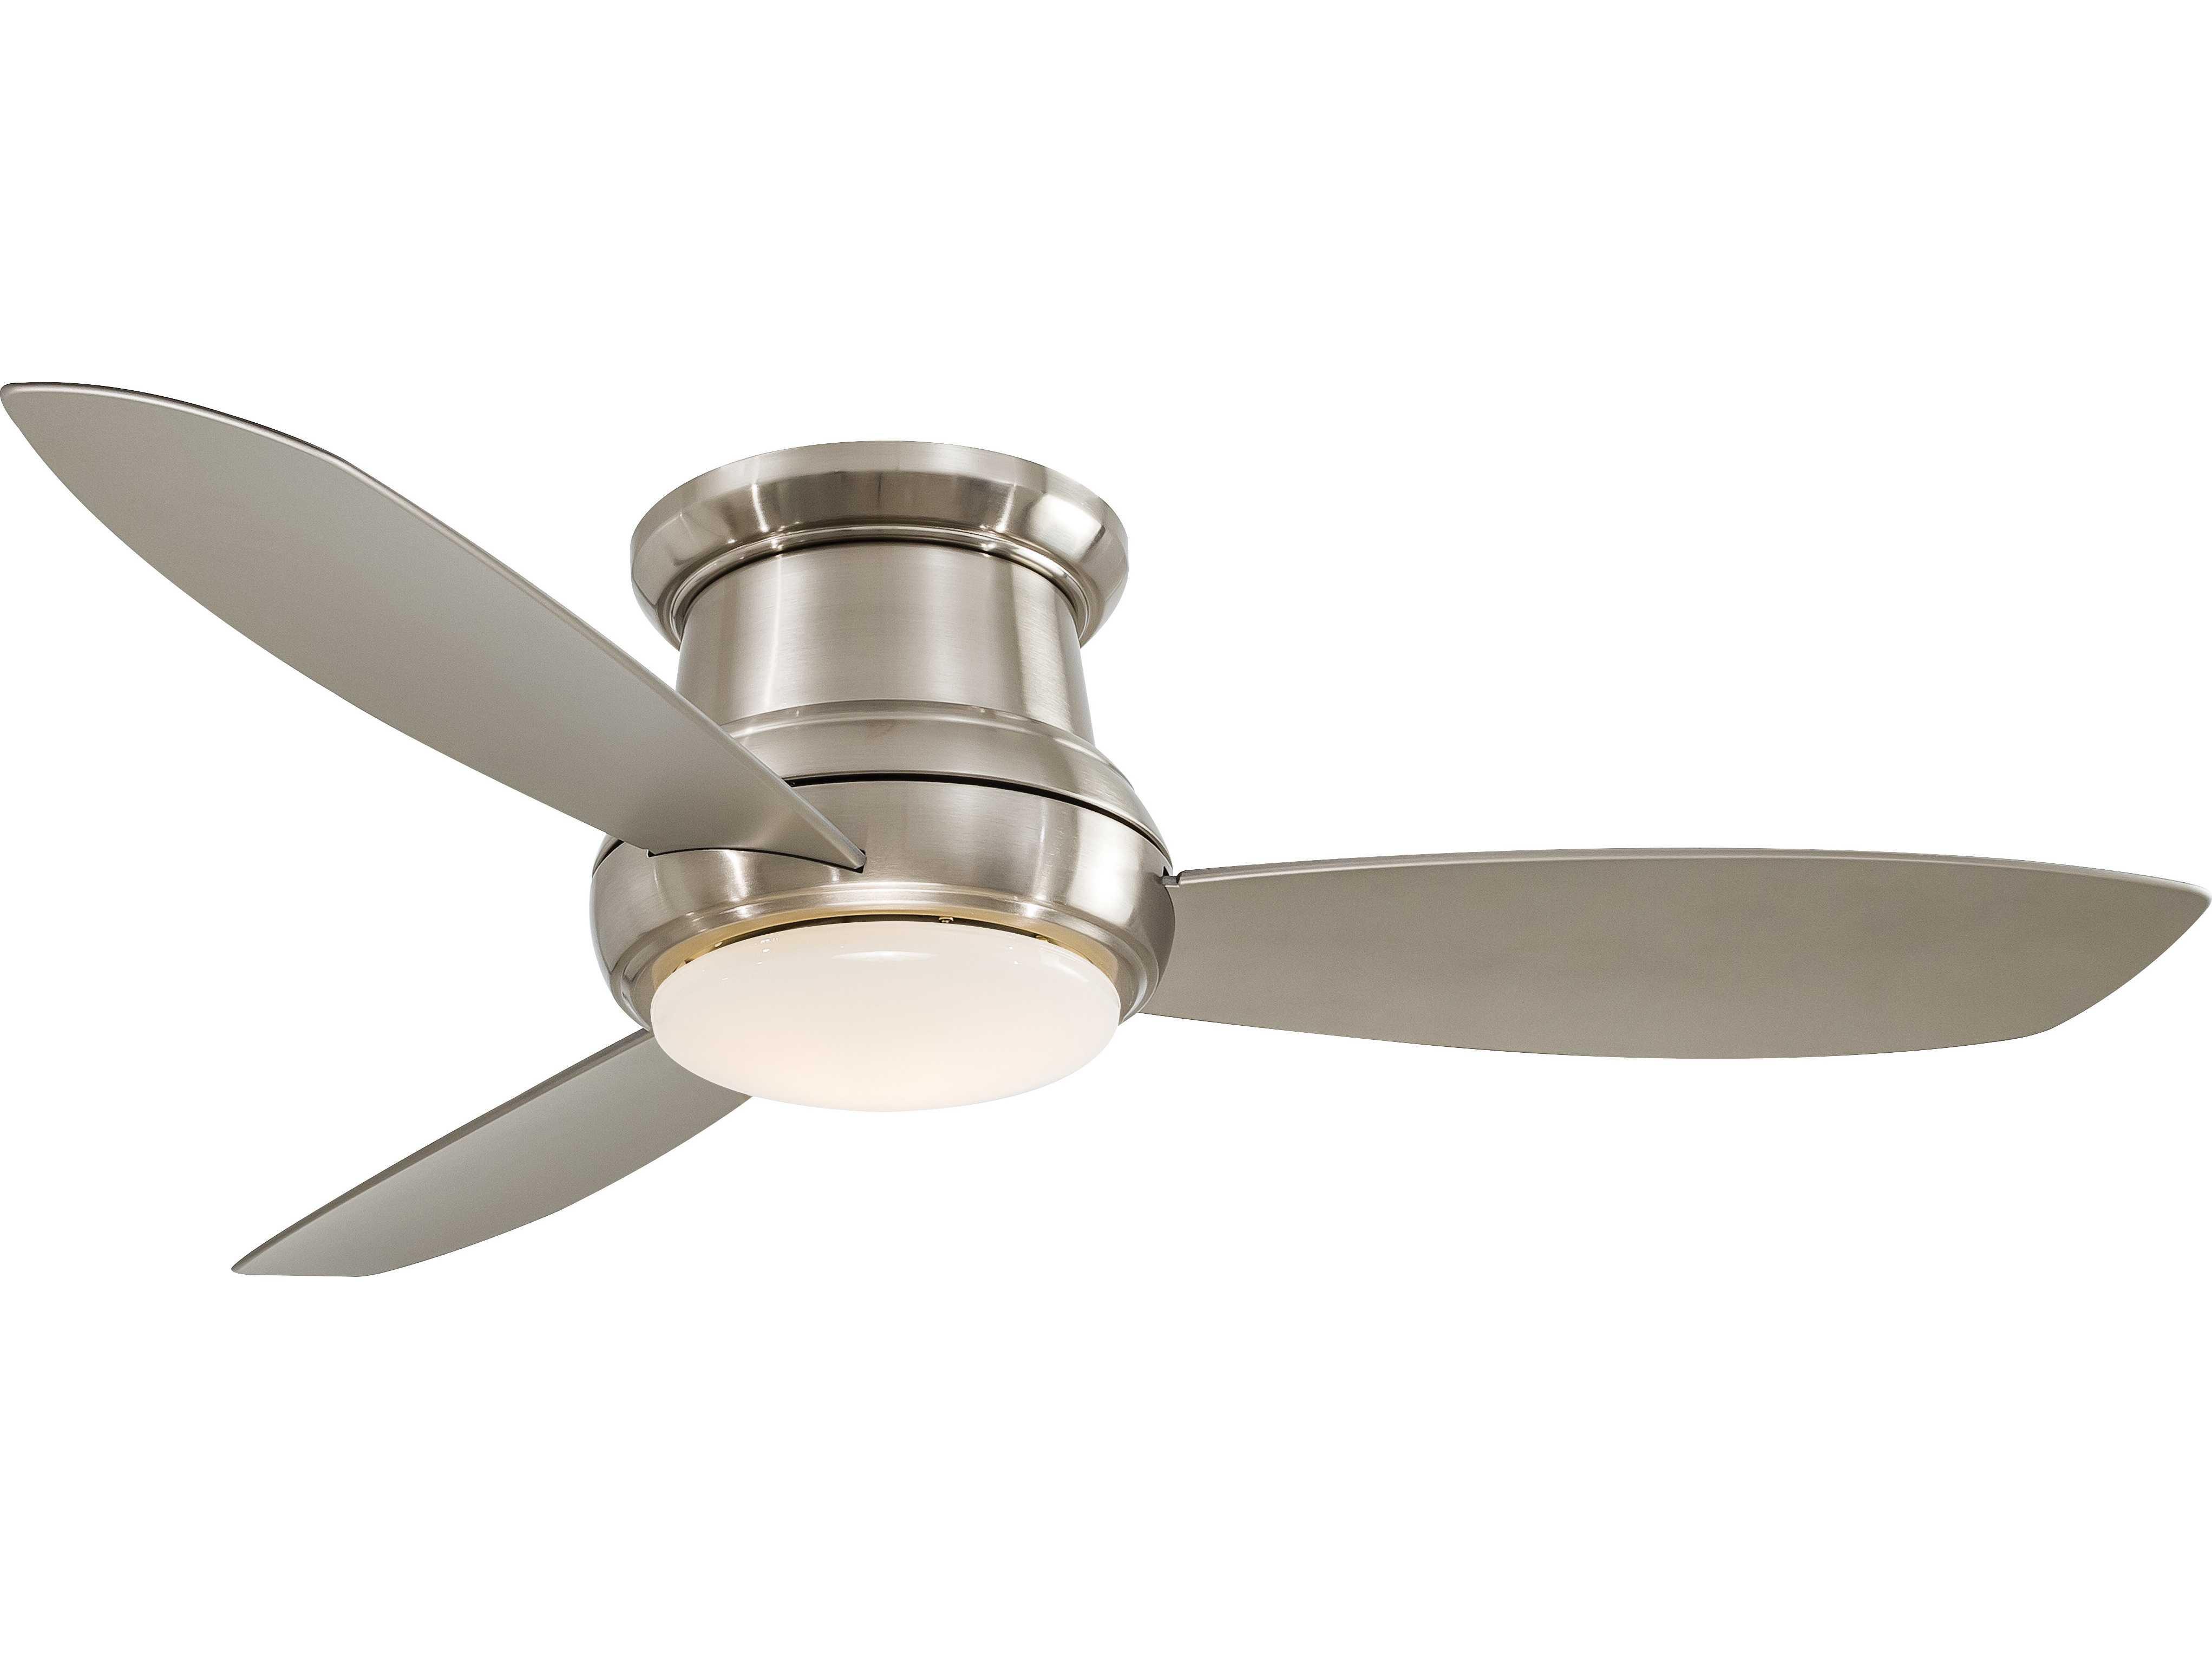 Minka Aire Concept Ii Brushed Nickel 52 Wide Indoor